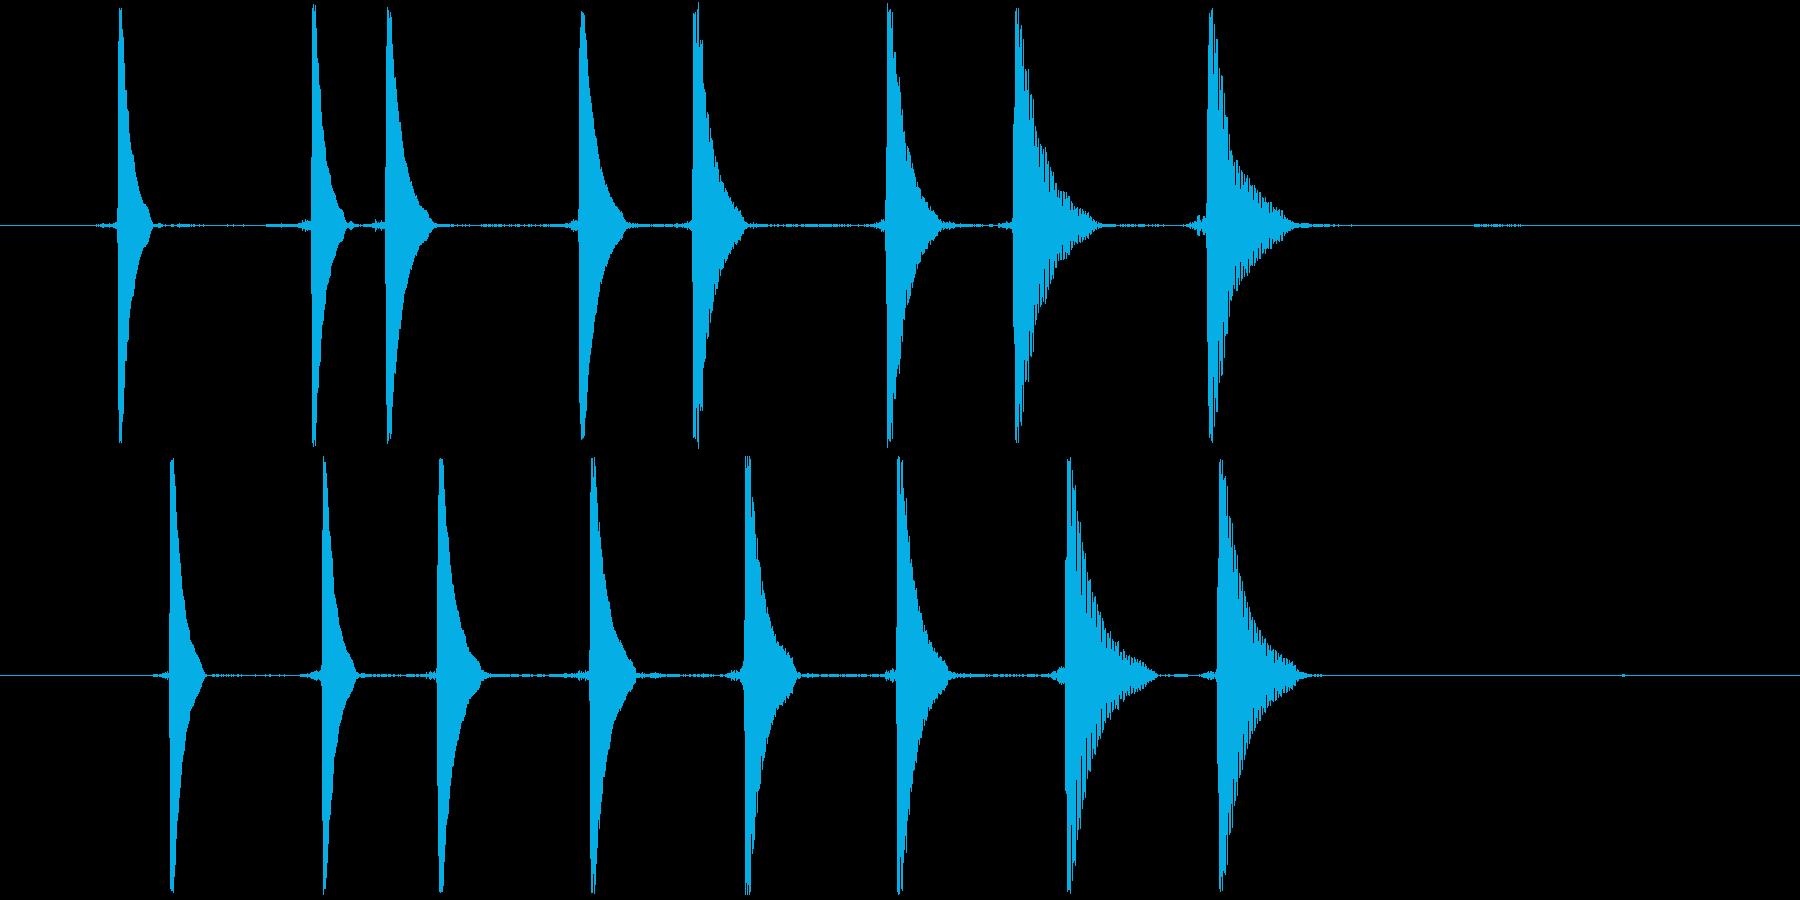 リセット音3(キョキョキョキョ)の再生済みの波形